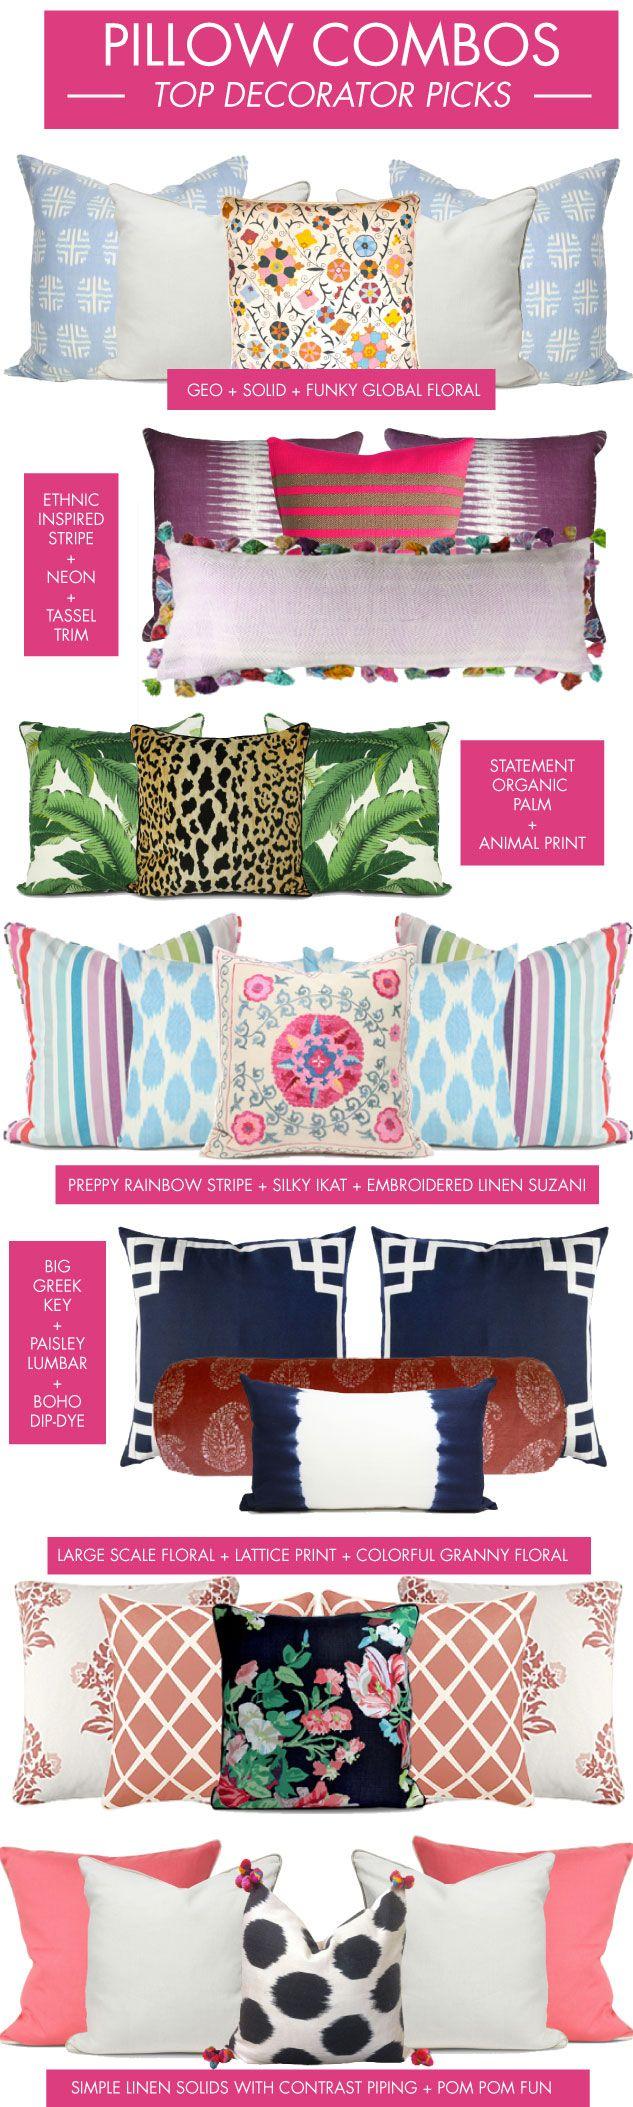 top decorator pillow combos - mix it up!